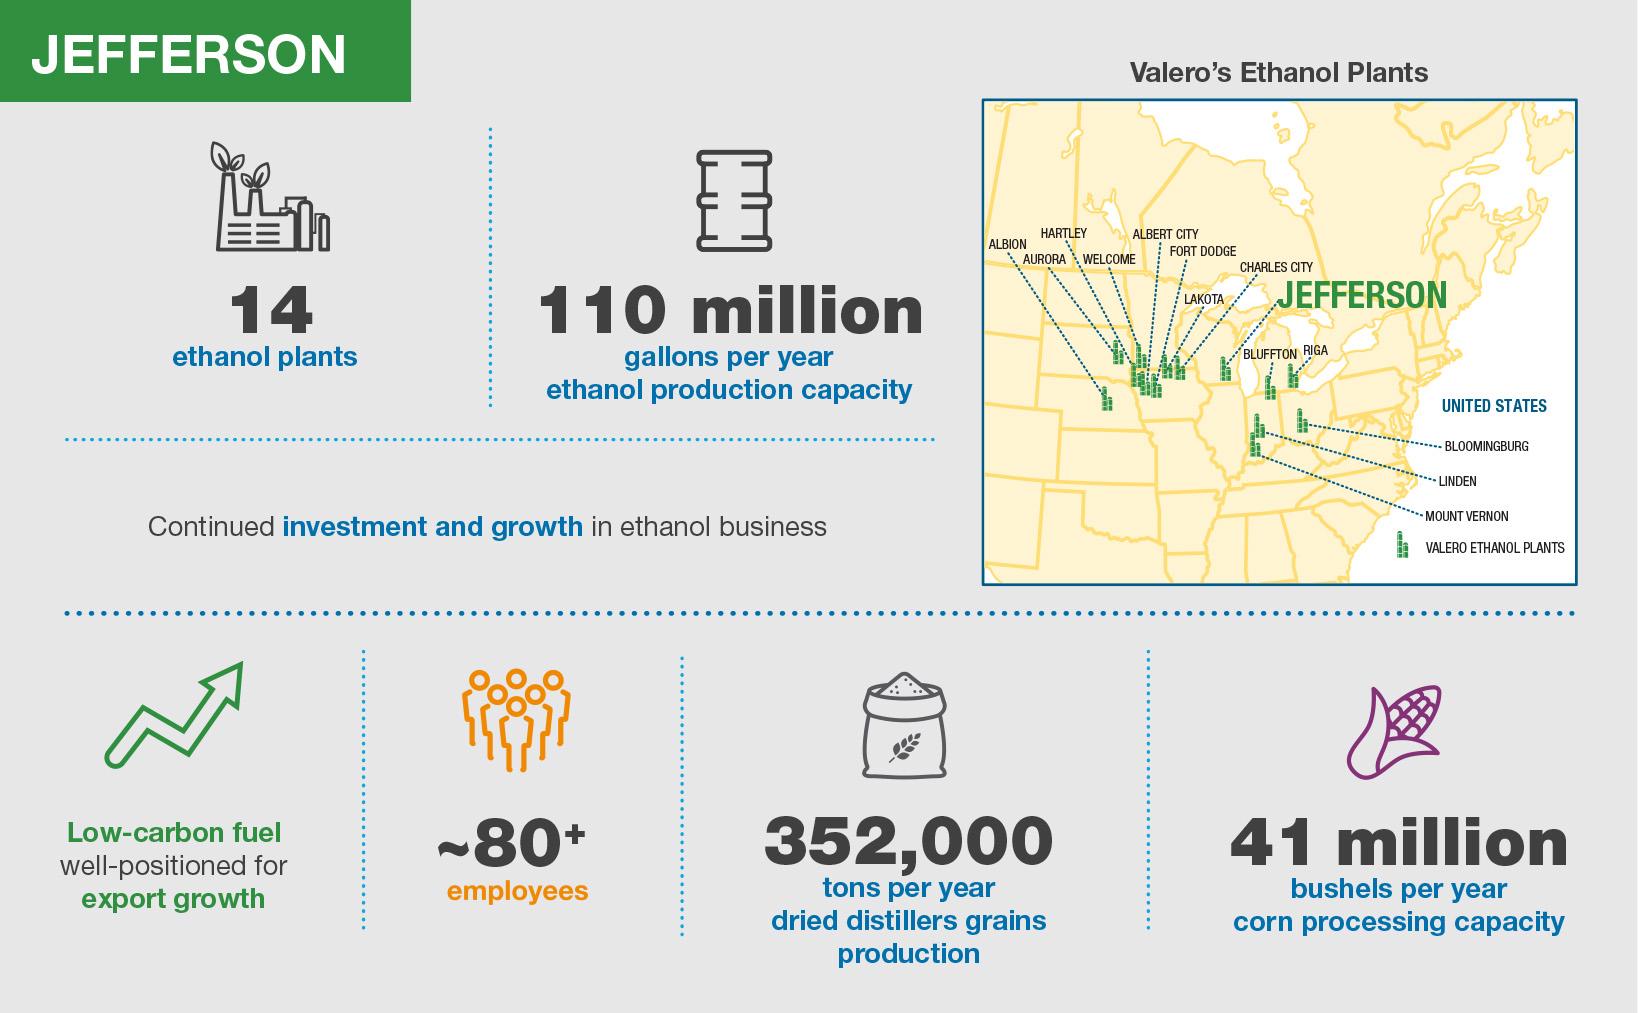 Valero Jefferson Ethanol Plant Infographic